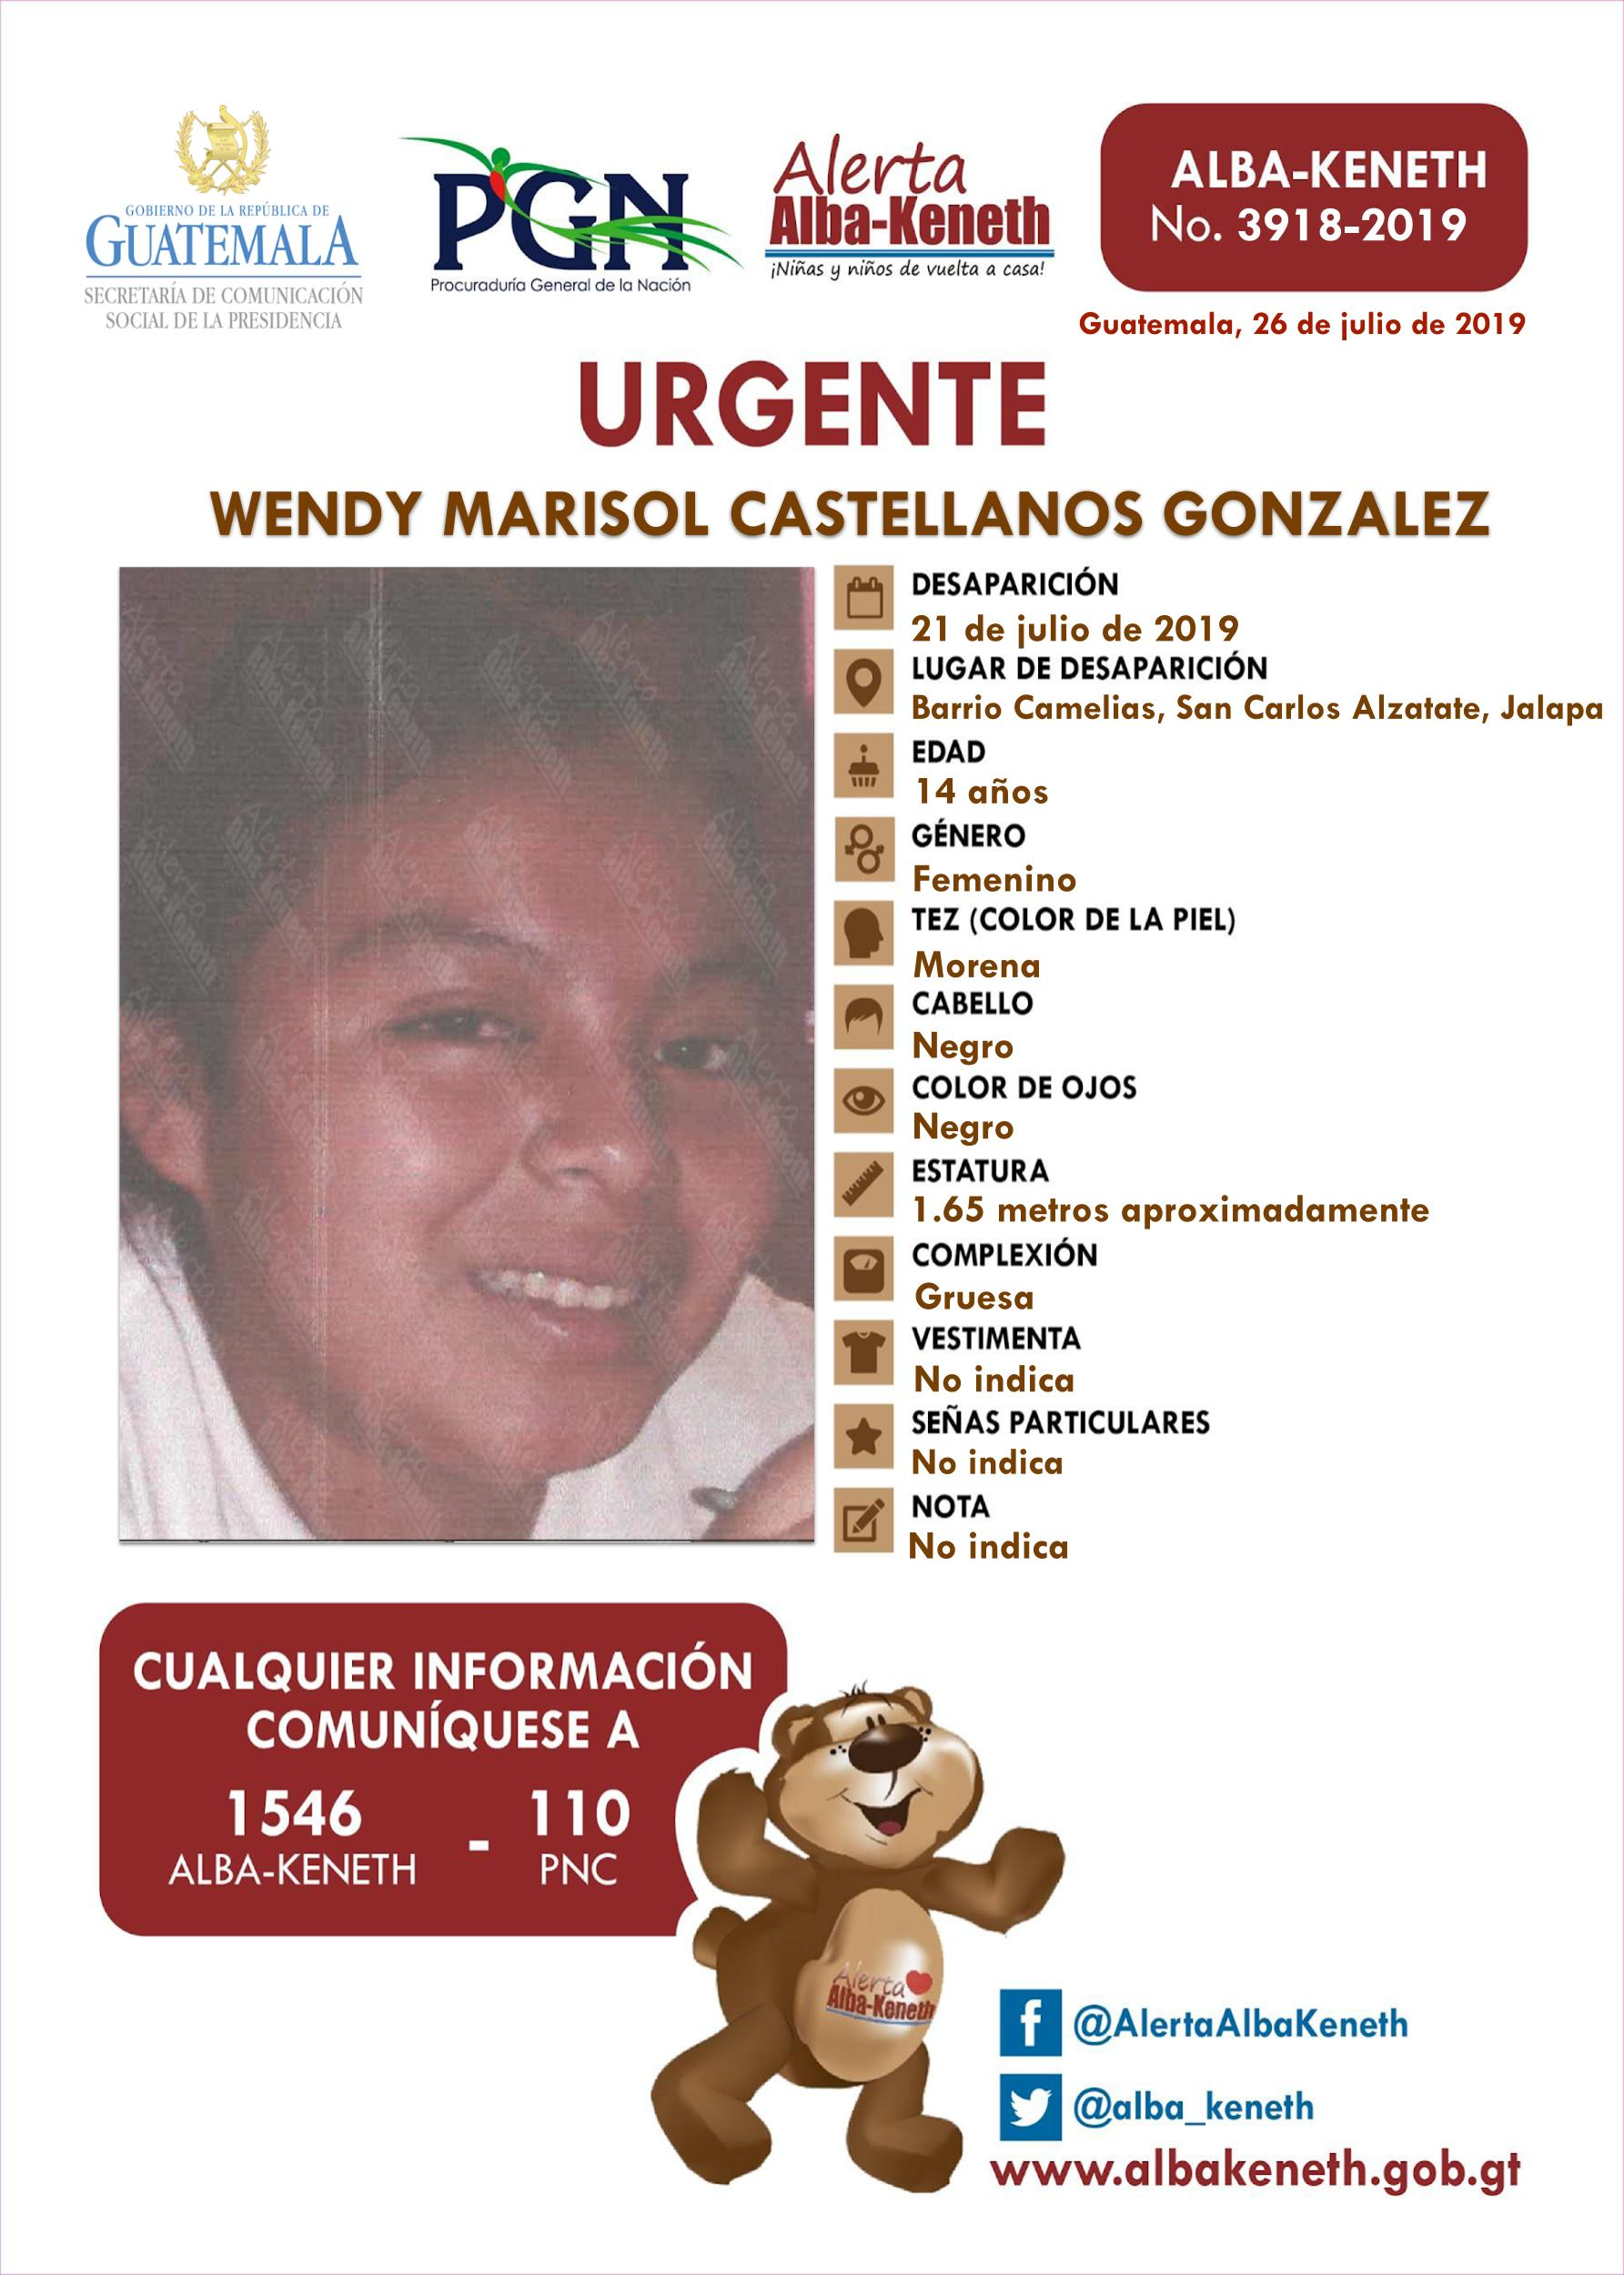 Wendy Marisol Castellanos Gonzalez